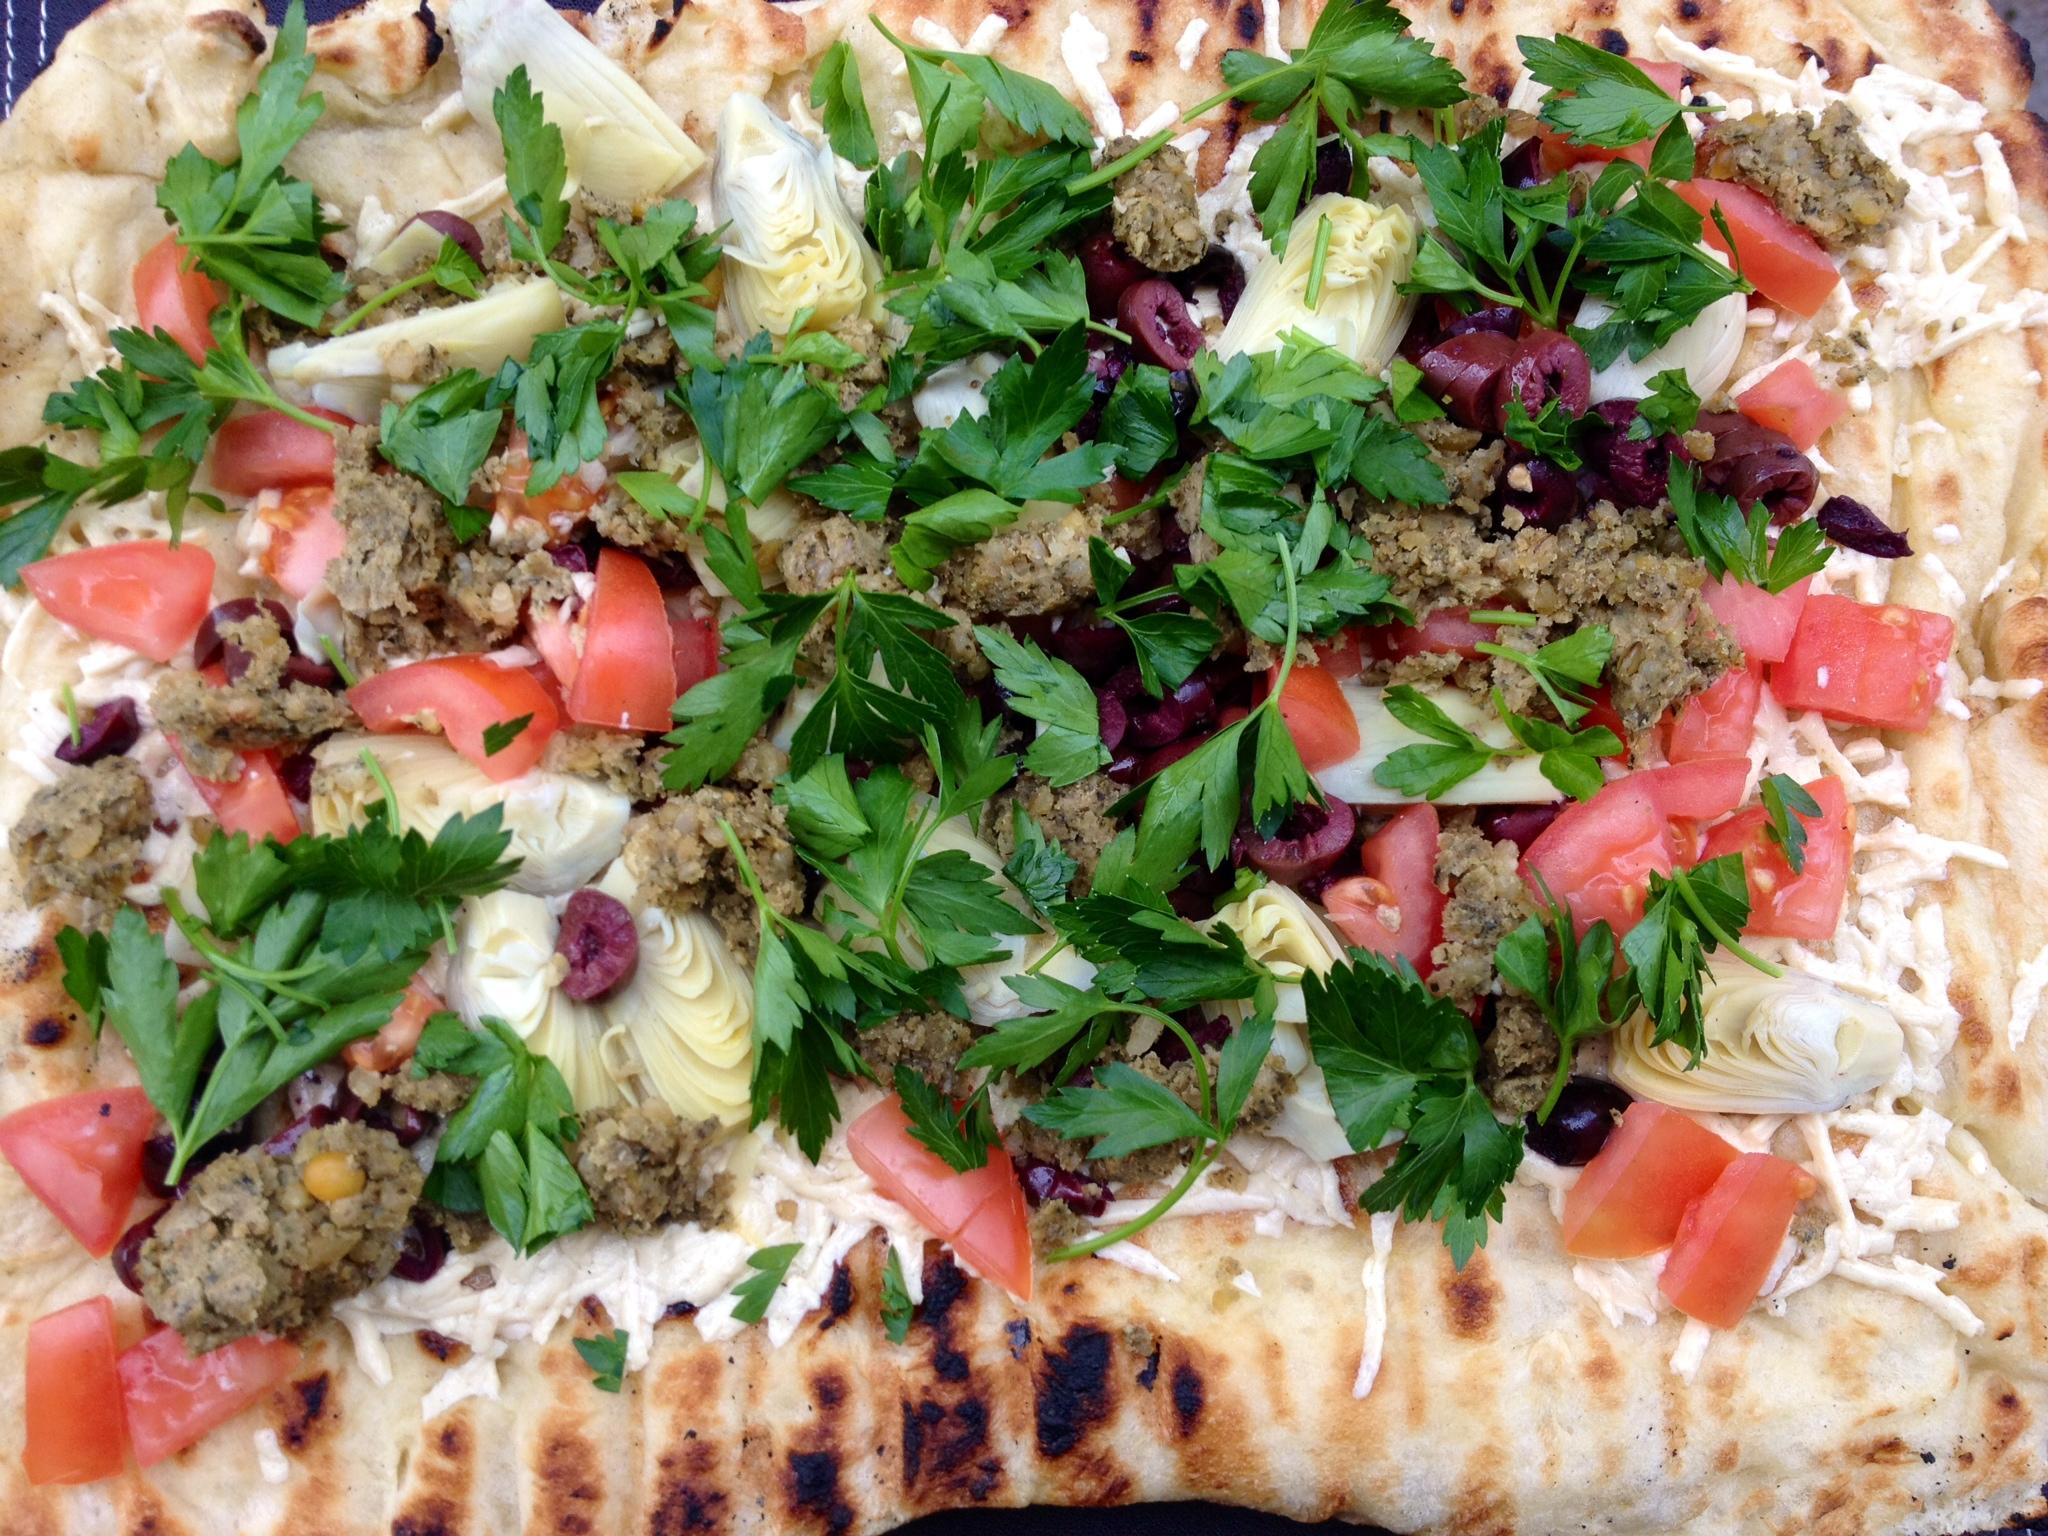 Grilled Mediterranean Falafel Sunshine Burger Flatbread